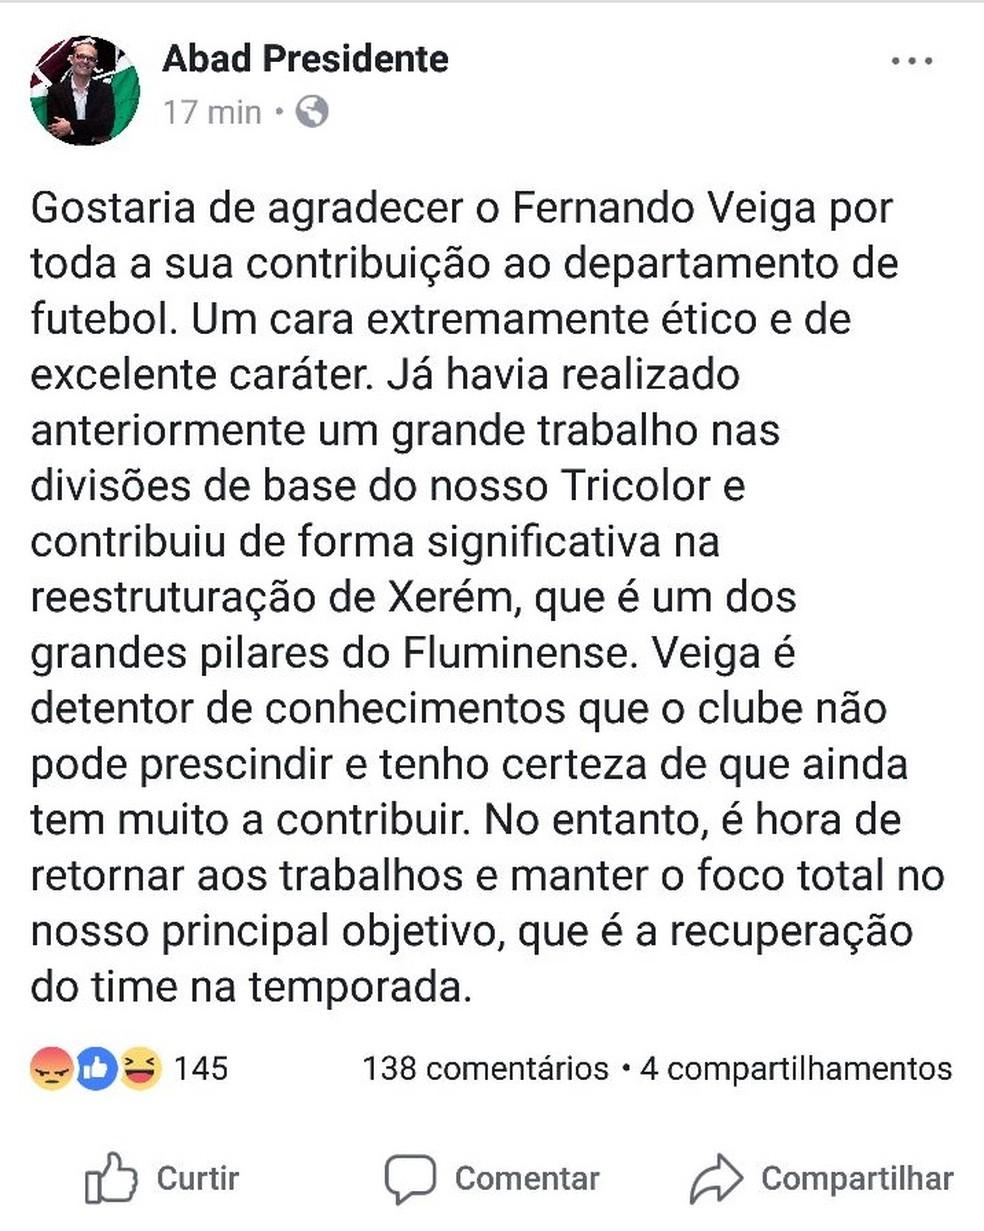 Postagem de Pedro Abad sobre a saída de Fernando Veiga (Foto: Reprodução)